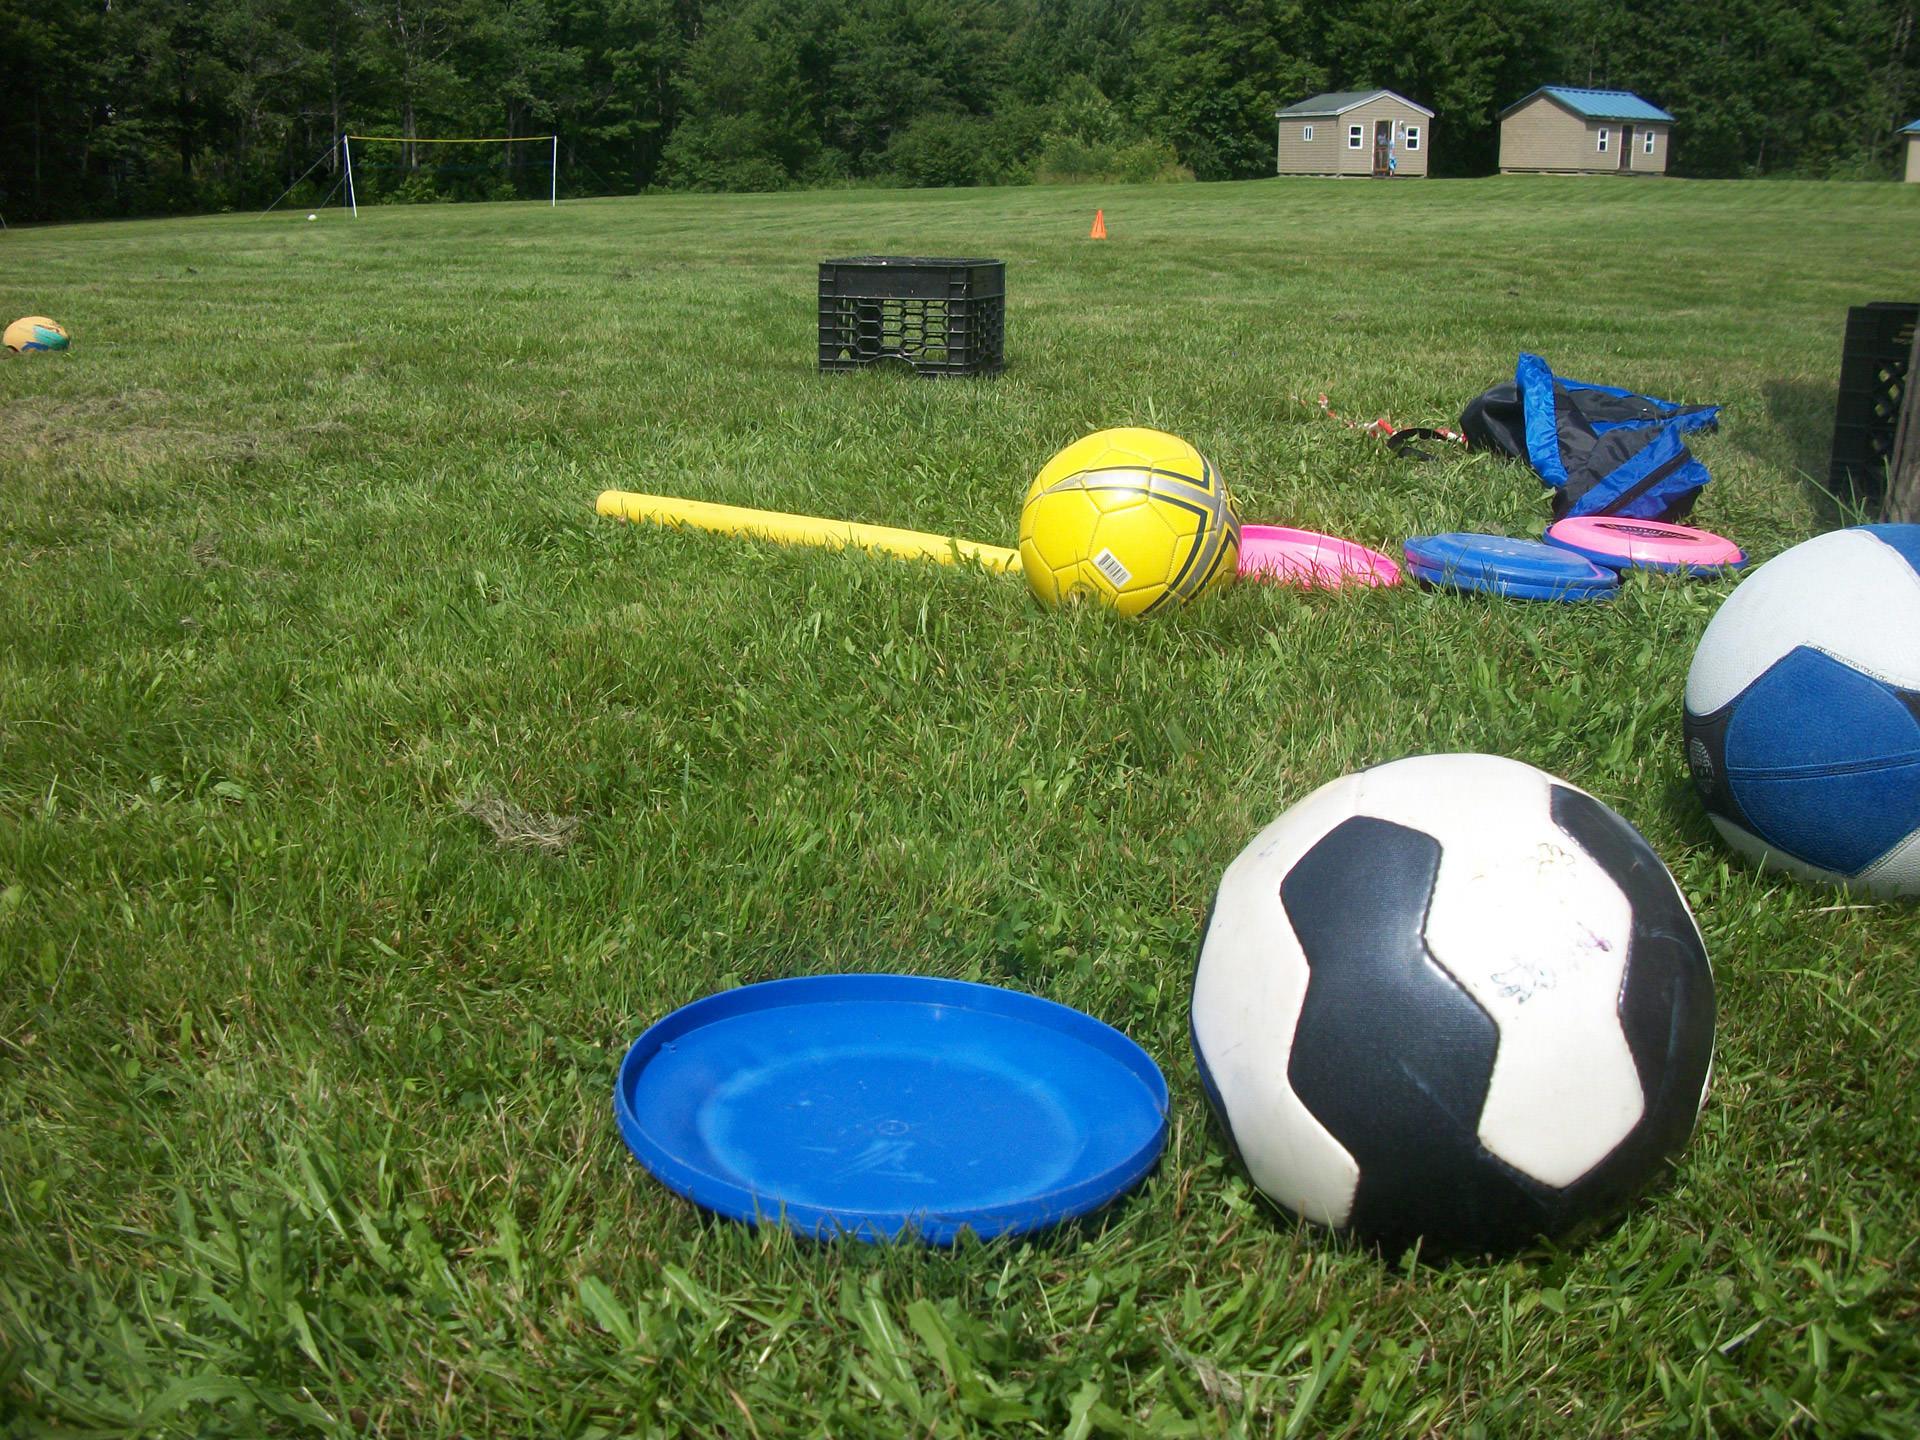 Giochi Briosi - Siete in cerca di giochi estivi? Ecco quelli che potrebbero fare al caso vostro